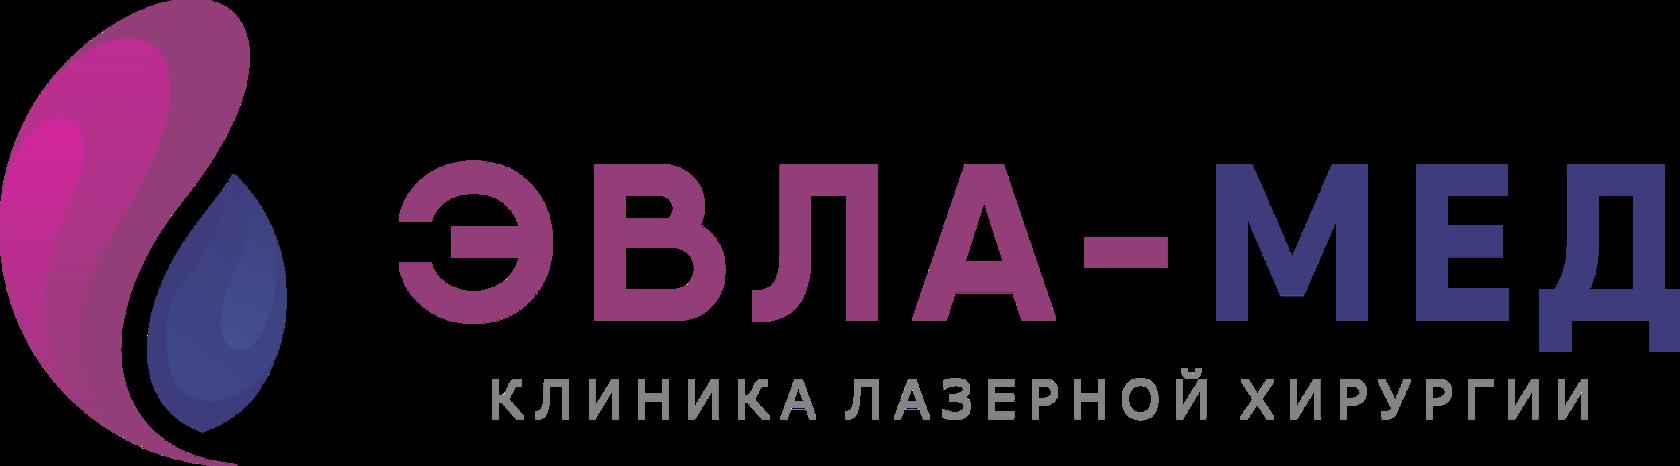 ЭВЛА-МЕД